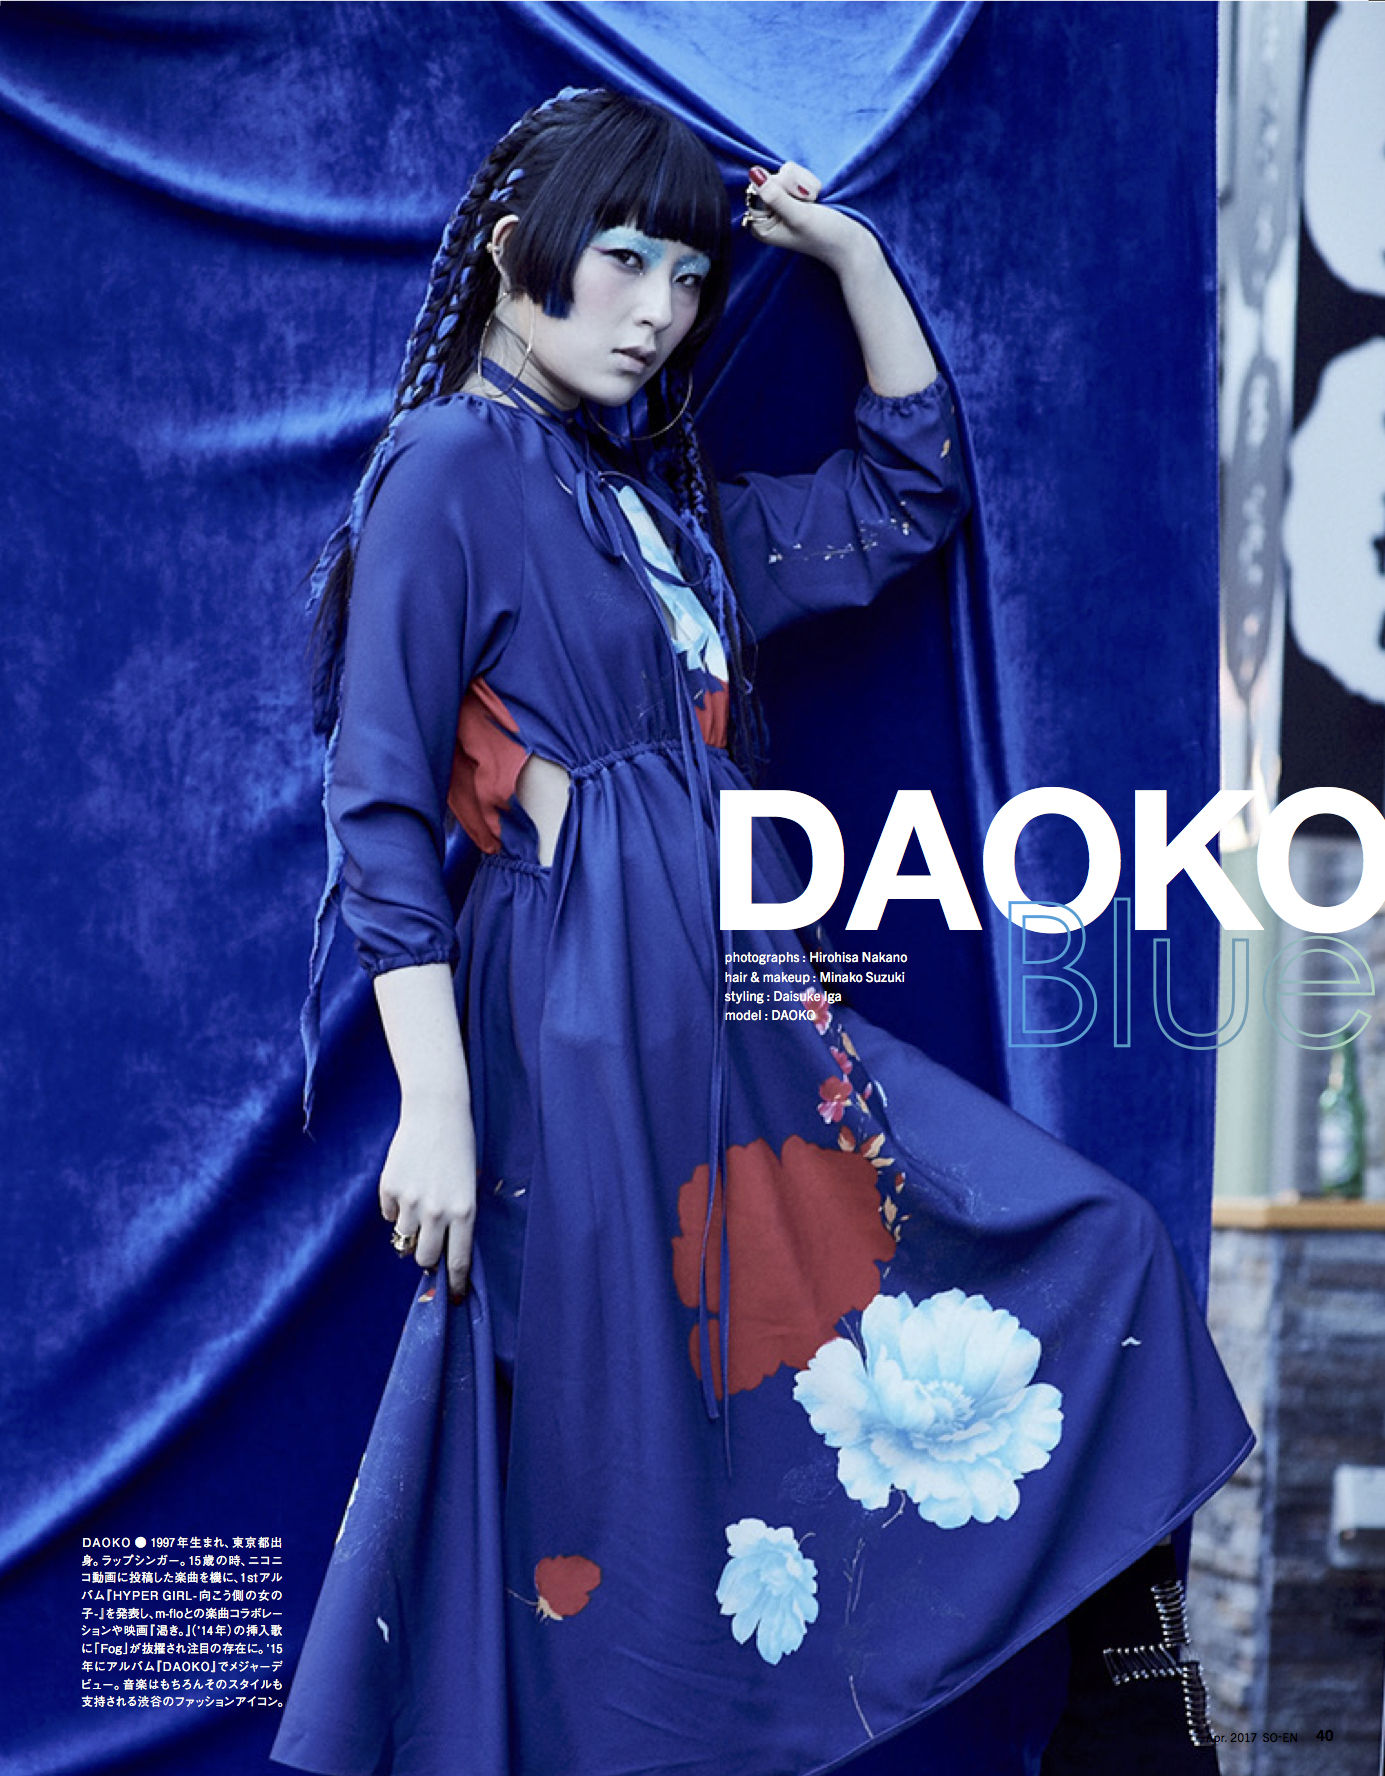 DAOKO_SOEN